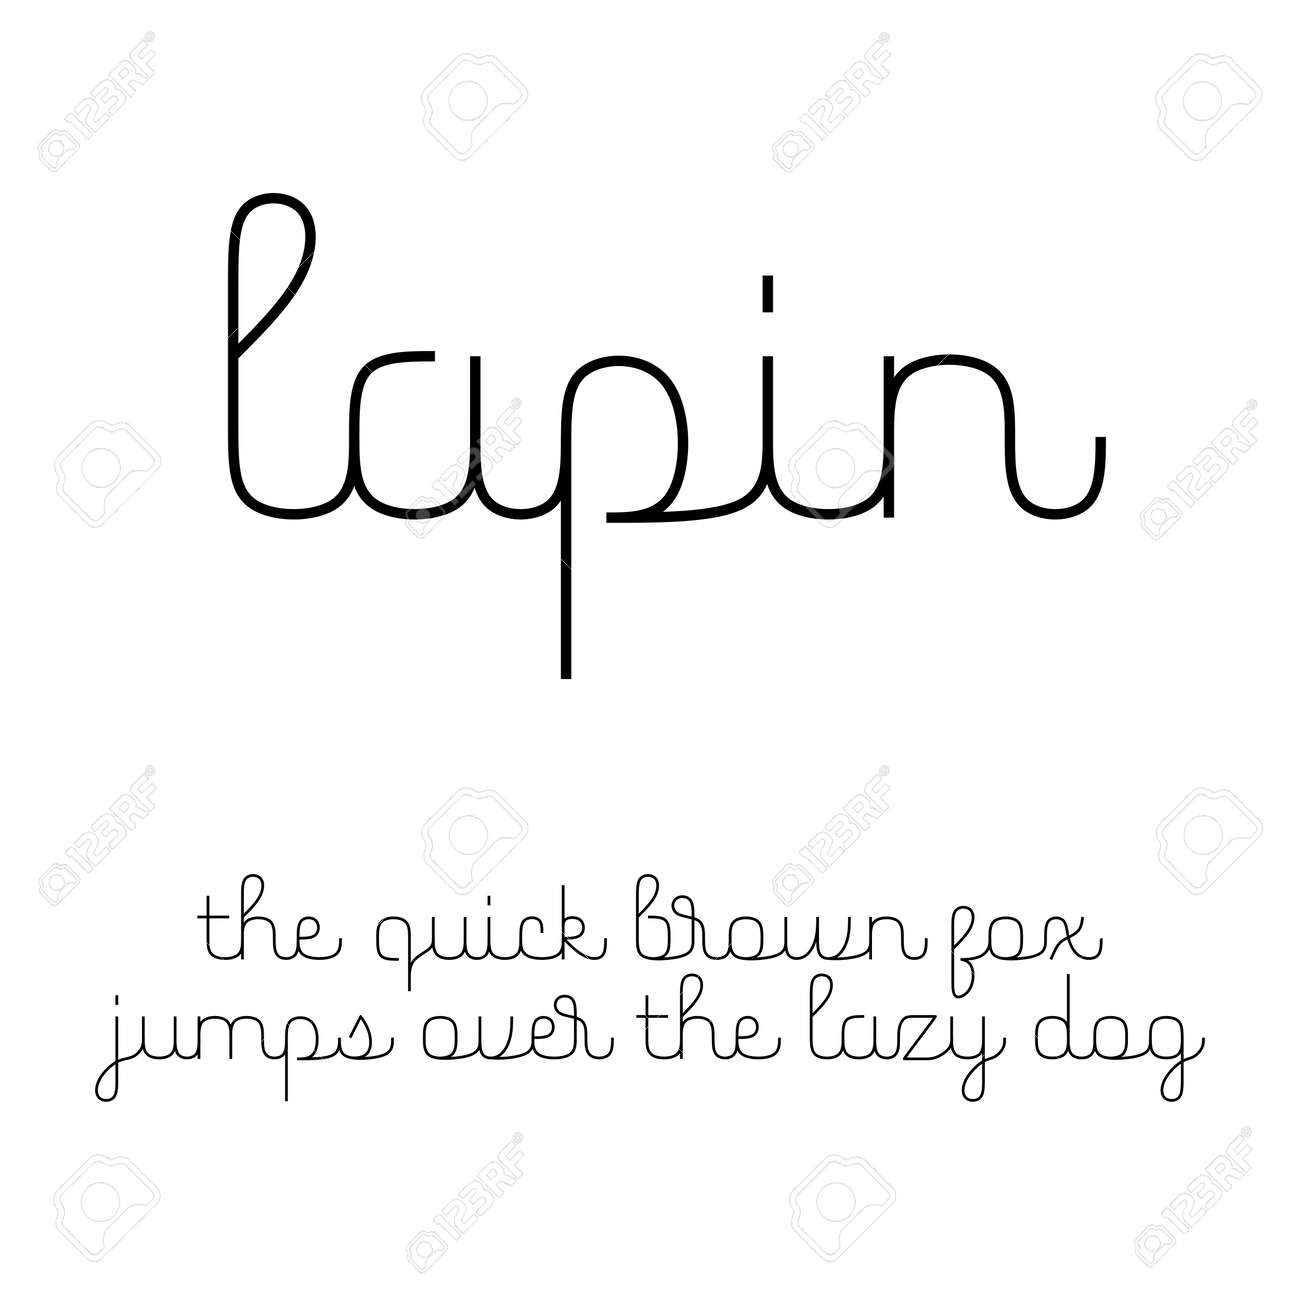 ラテン文字の小文字で、かわいいスクリプト フォント ロイヤリティ